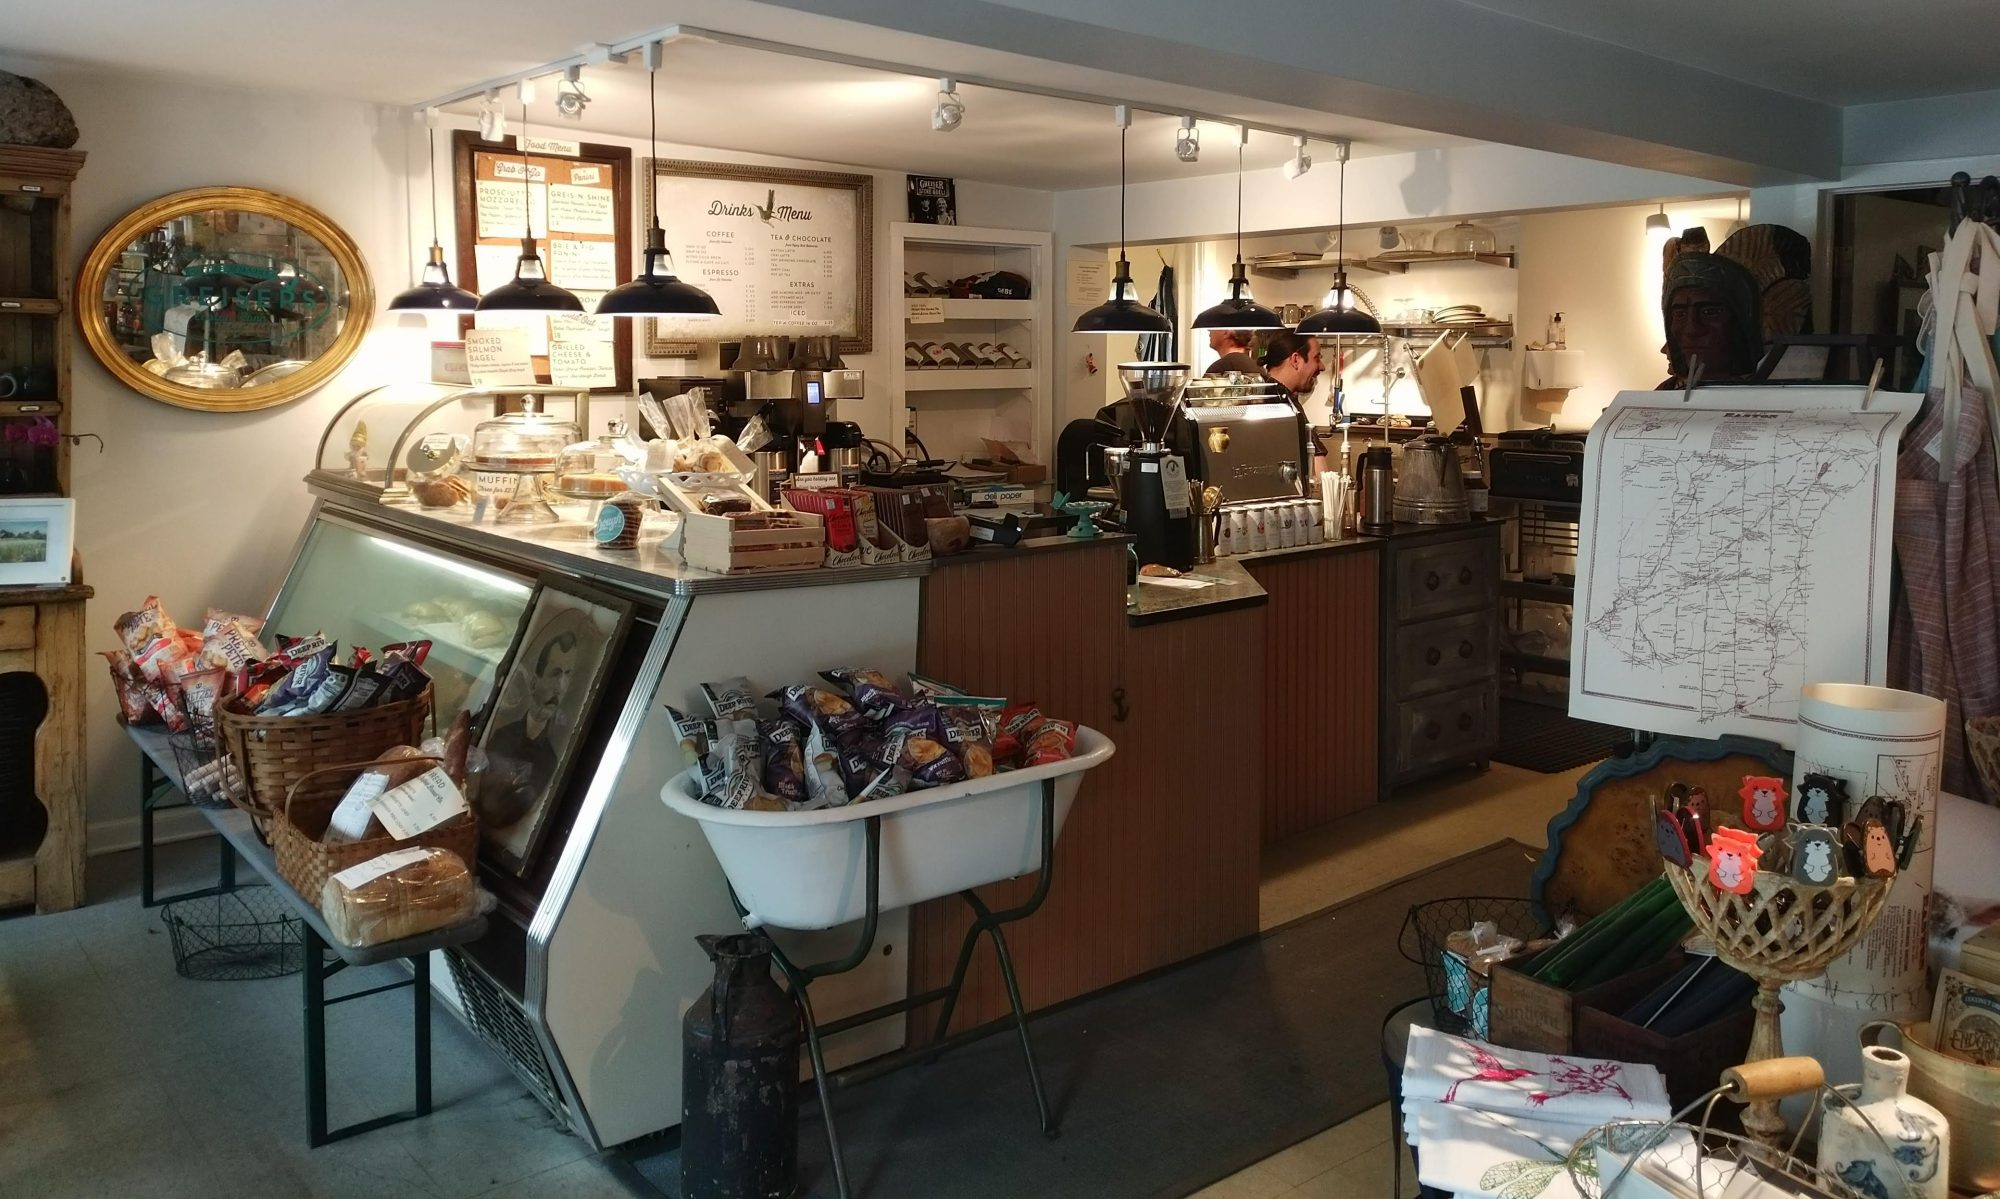 Greiser's Coffee & Market